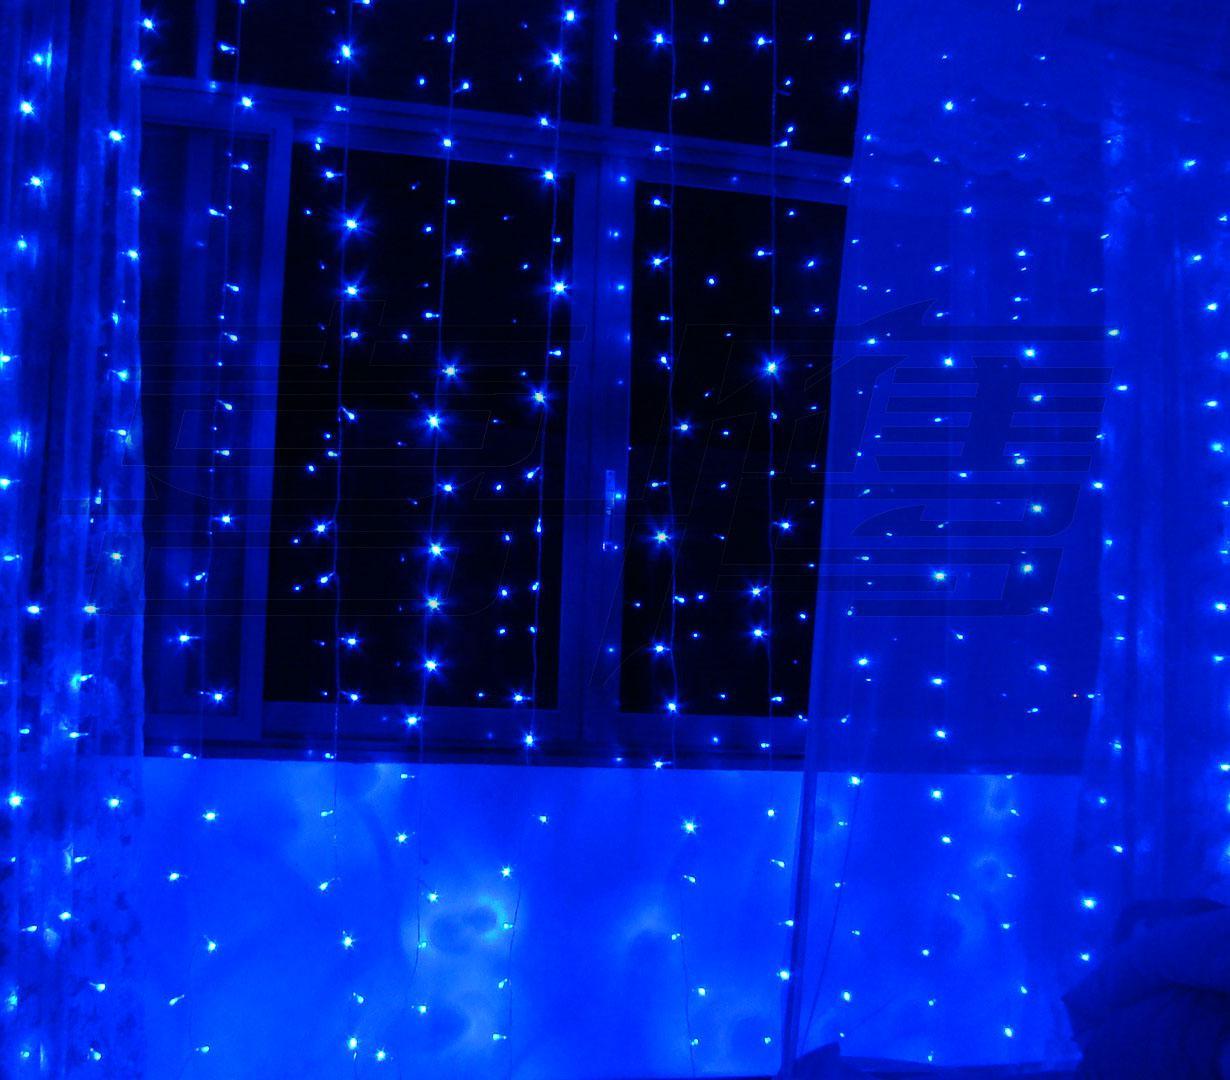 320 luces LED 4 m * 2 m Luces de cortina, luz de adorno de Navidad, luz de colores de Weddind de destello, luces de hadas Iluminación de tira de luz de LED impermeable